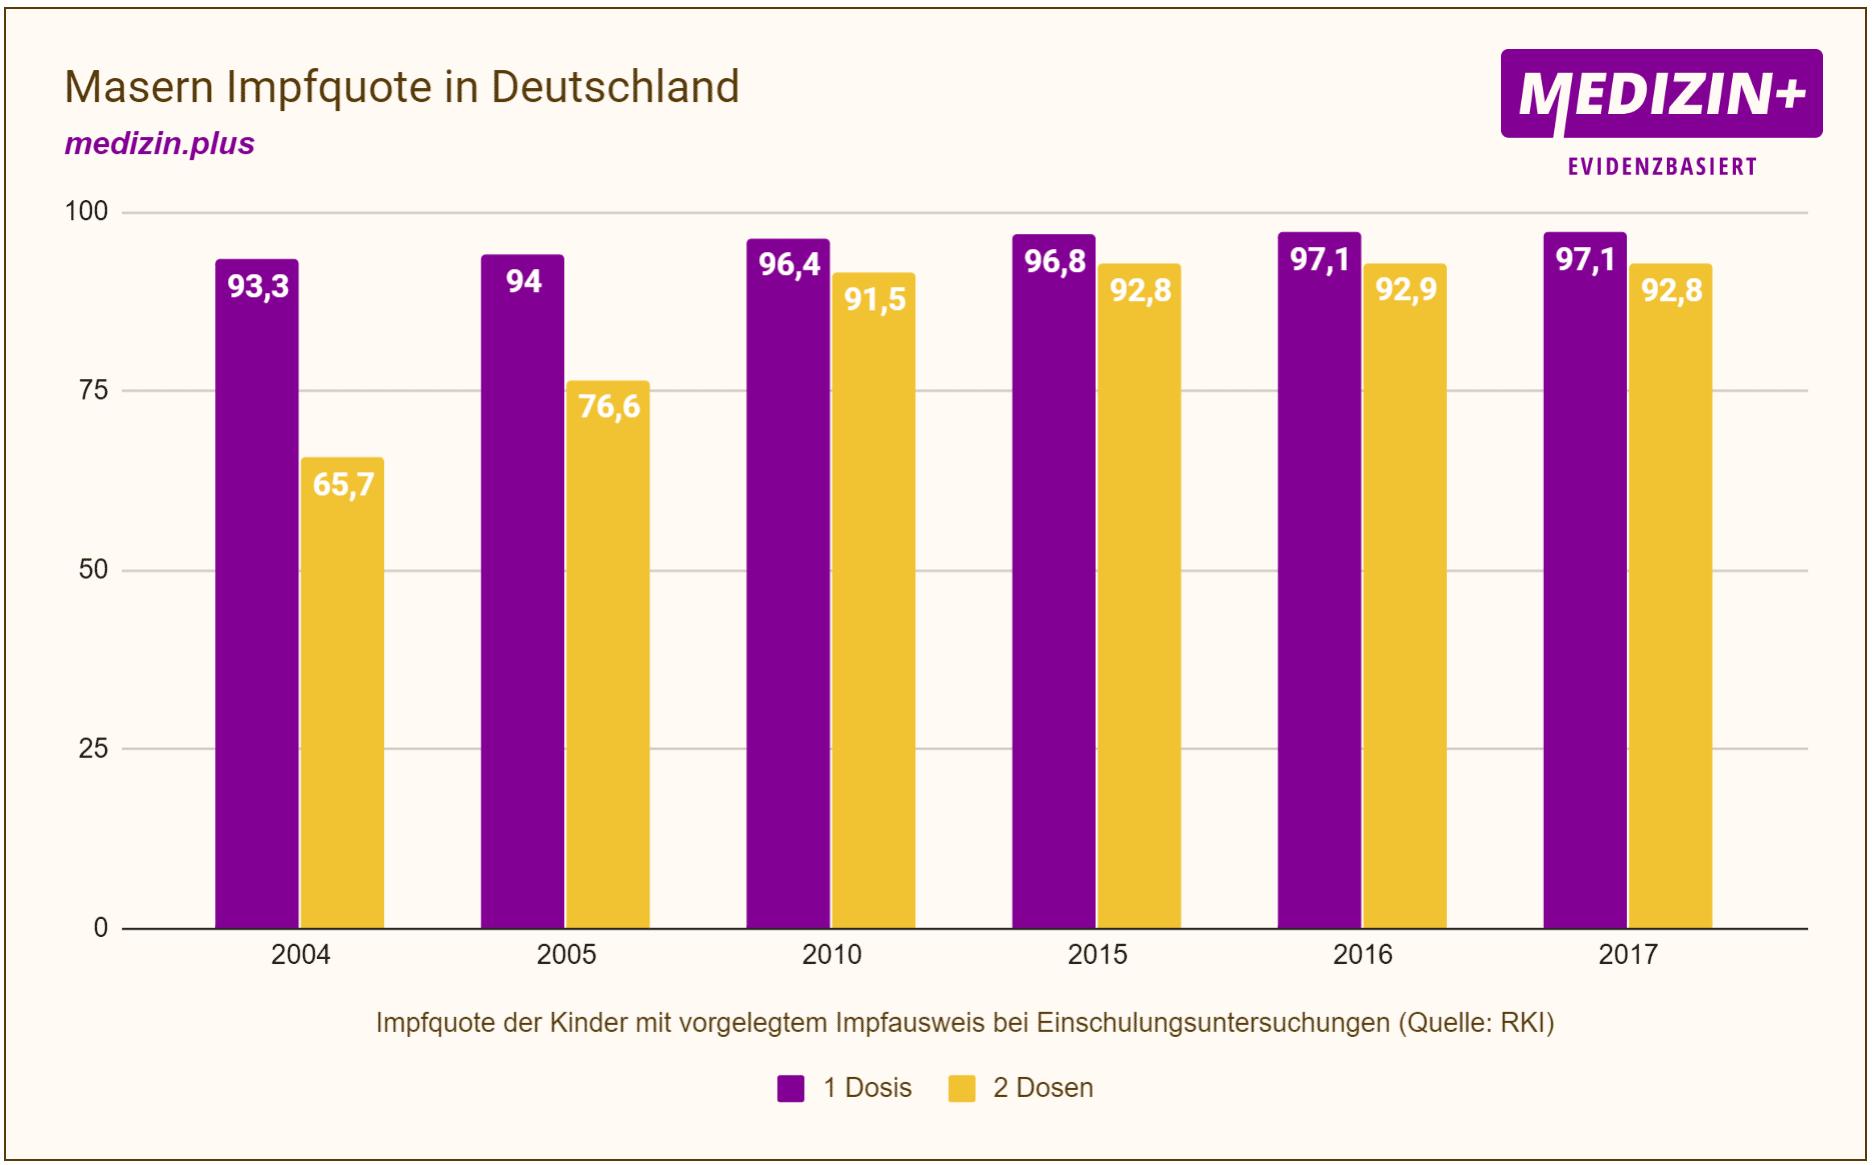 Masern-Impfquote in Deutschland (Diagramm)